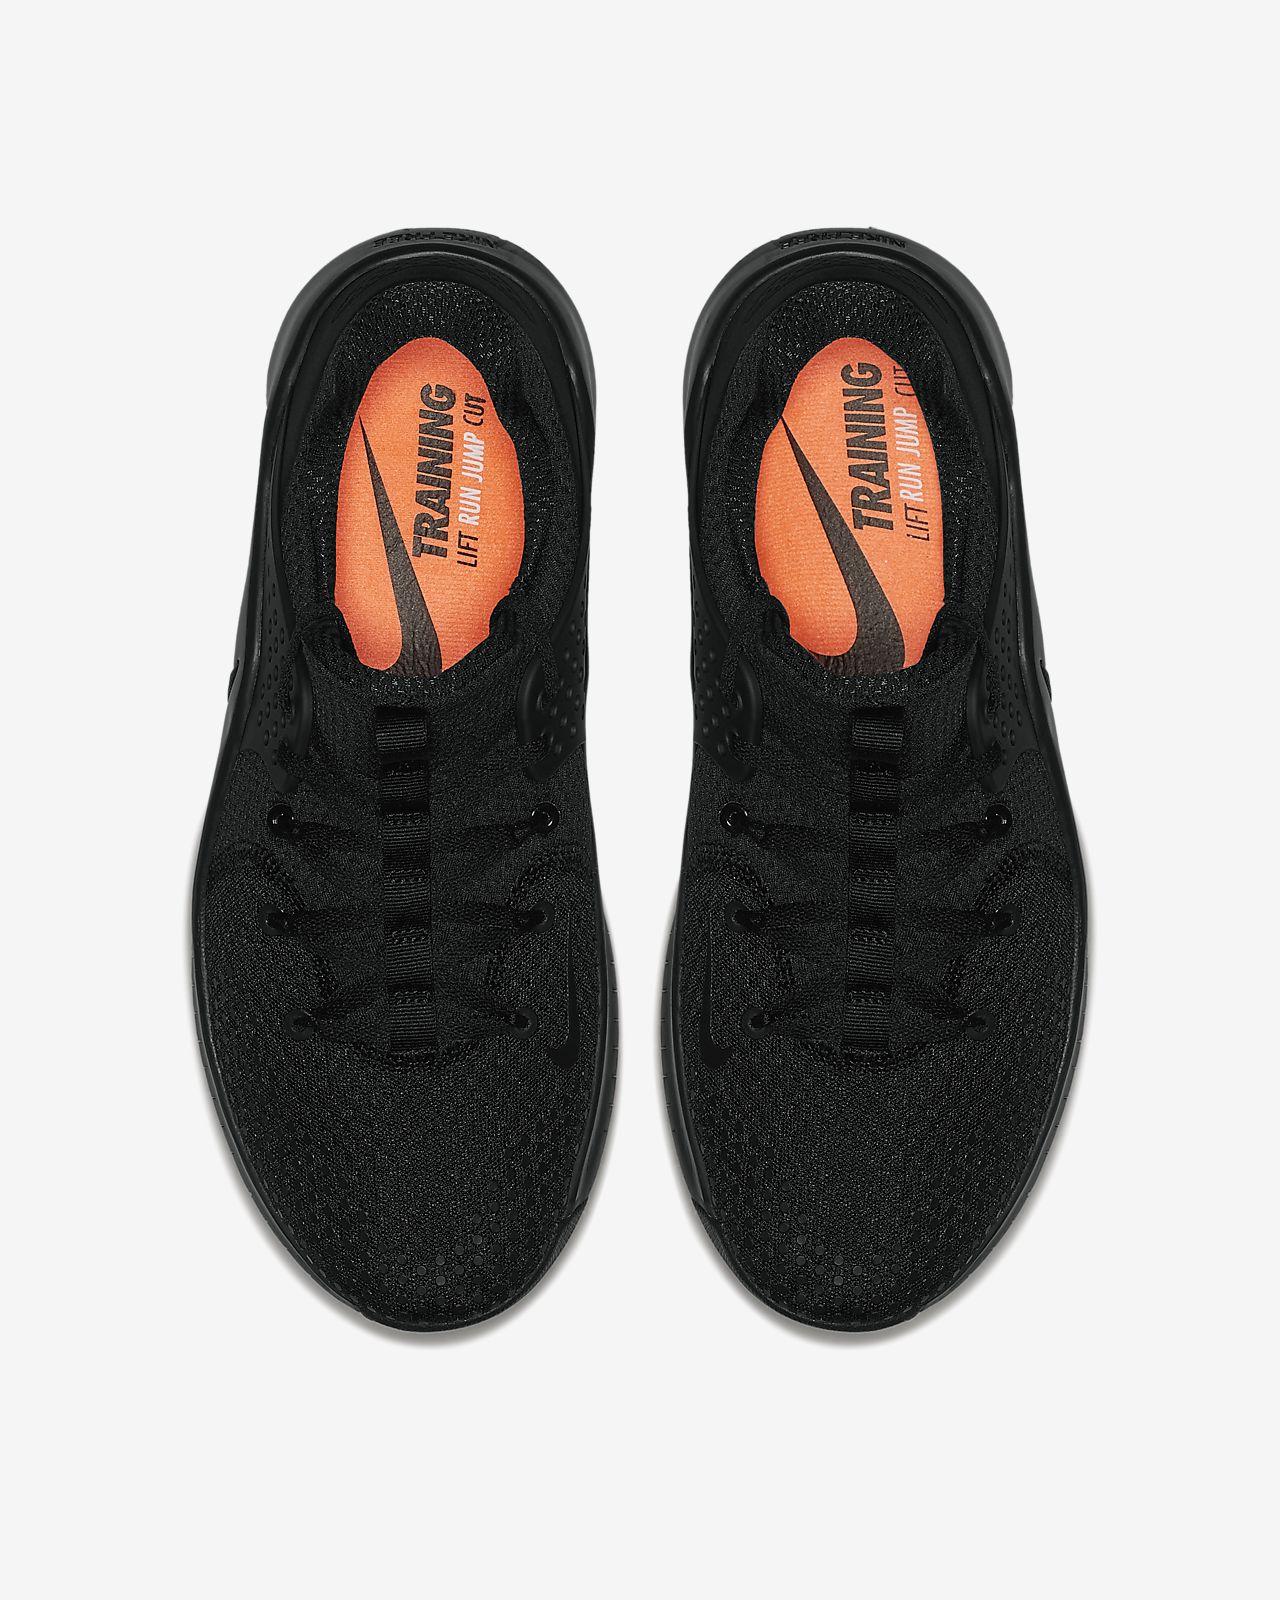 b2307b42776 Nike Free TR V8 Men s Gym HIIT Cross Training Shoe. Nike.com